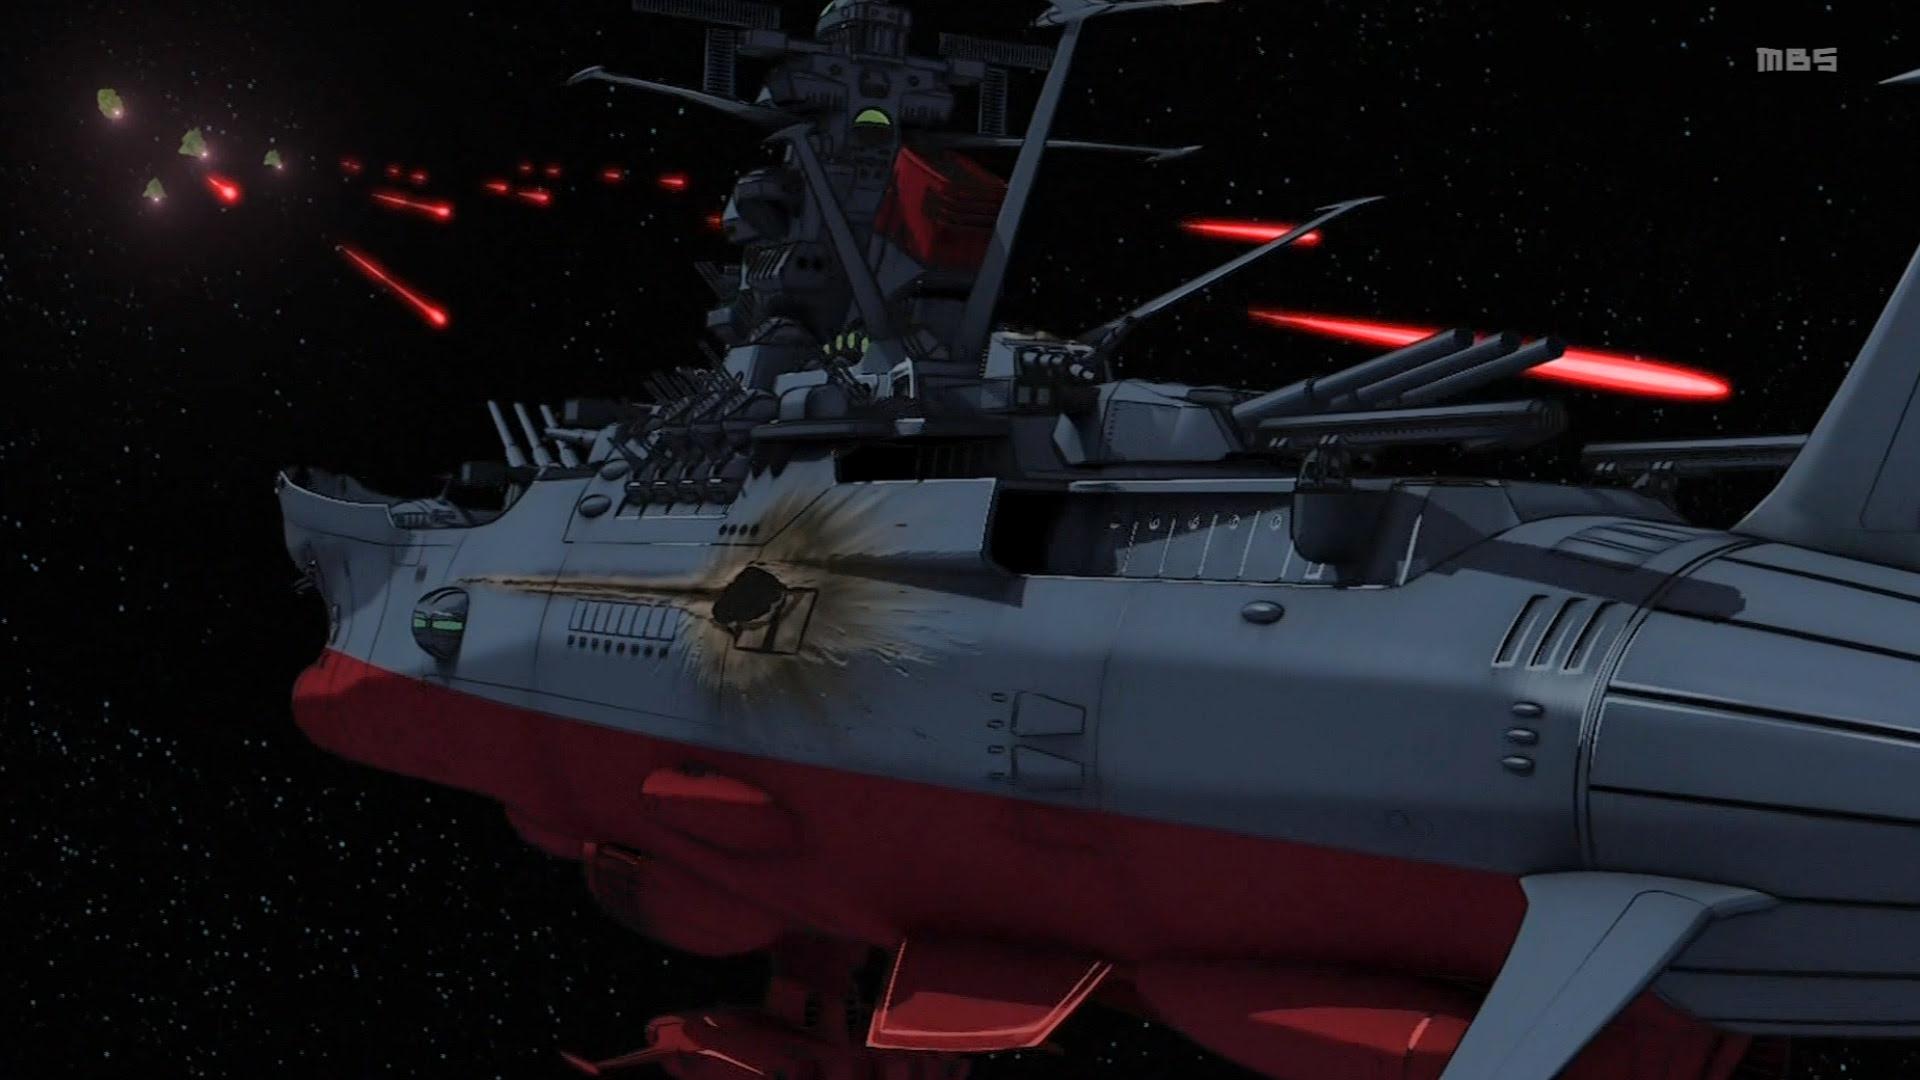 宇宙戦艦ヤマト2199 壁紙 1920x1080 壁紙 宇宙戦艦ヤマト2199